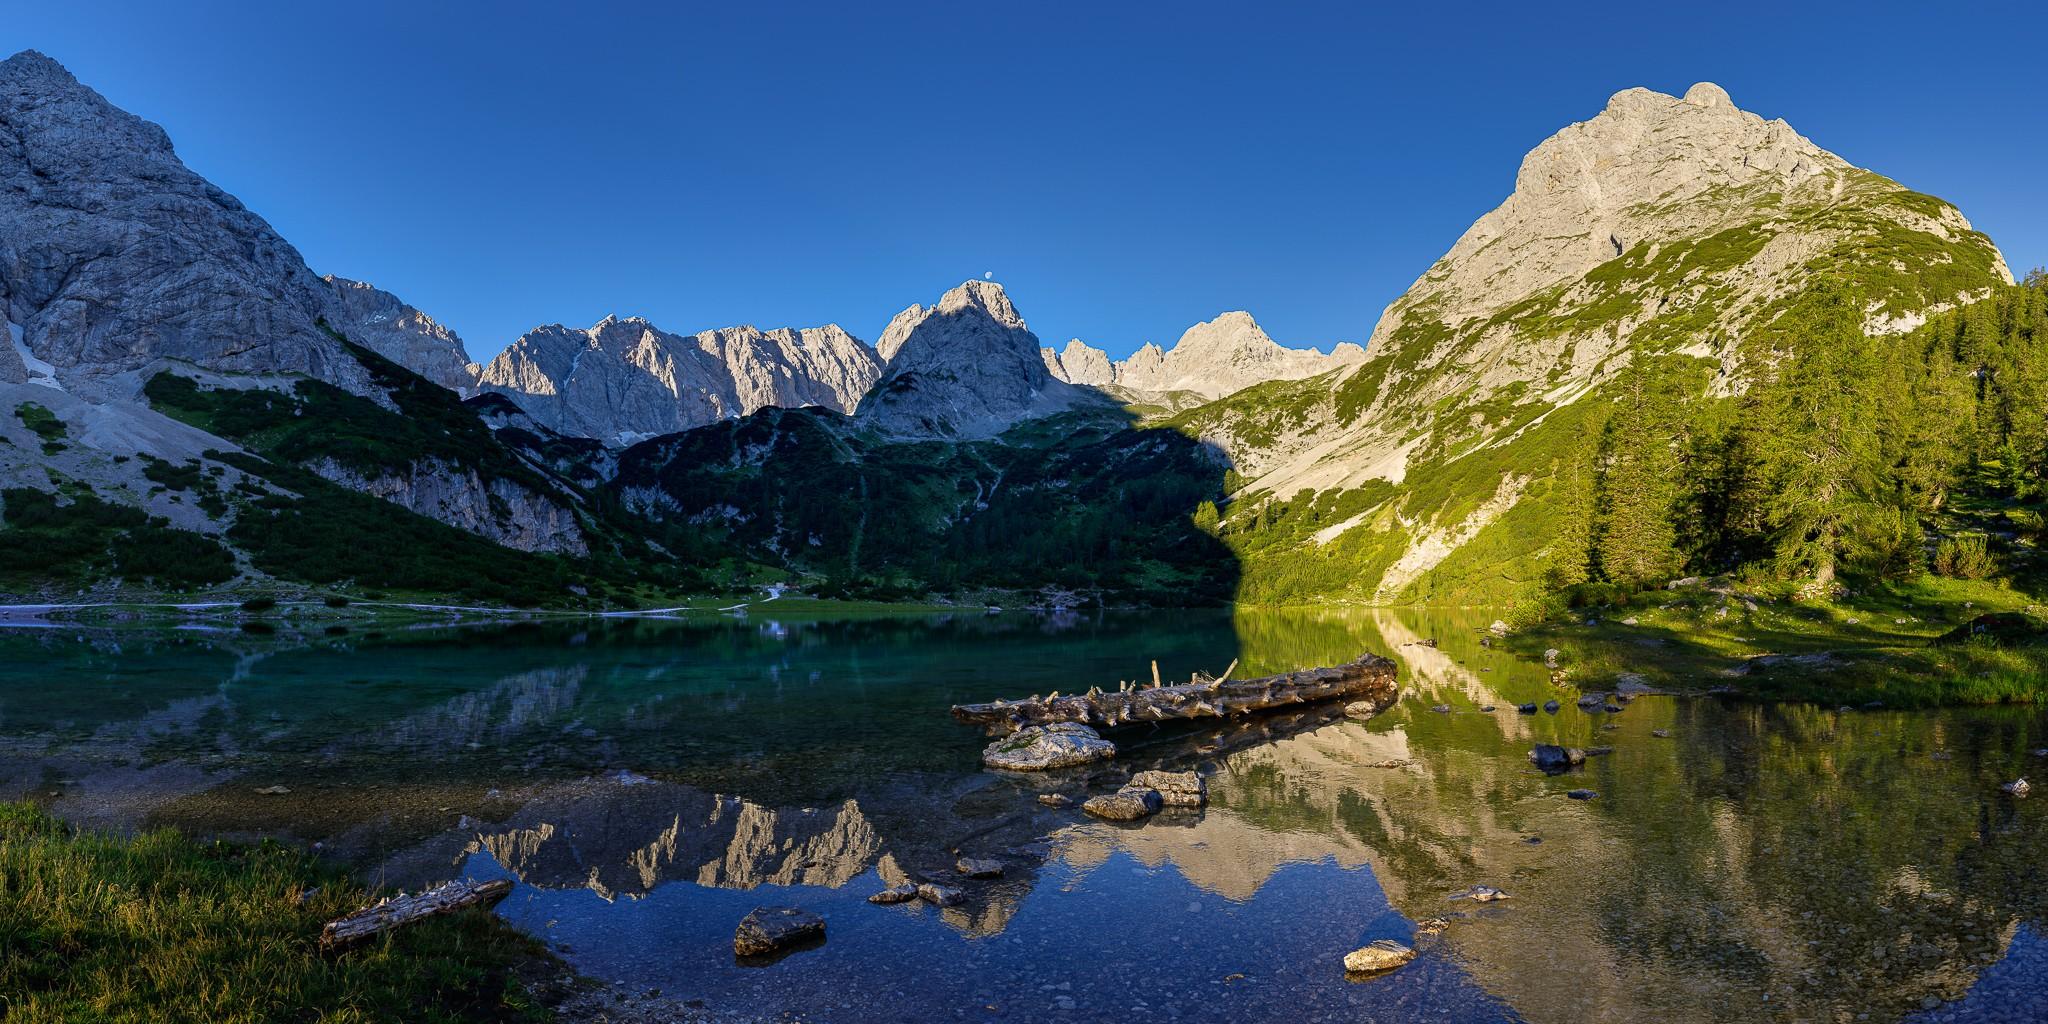 Morgendliche Spiegelung am Seebensee bei Ehrwald - Bergidylle mit Bergsee und Bergpanorama! Der Mond geht direkt über dem Vorderen Drachenkopf (2302m) unter.